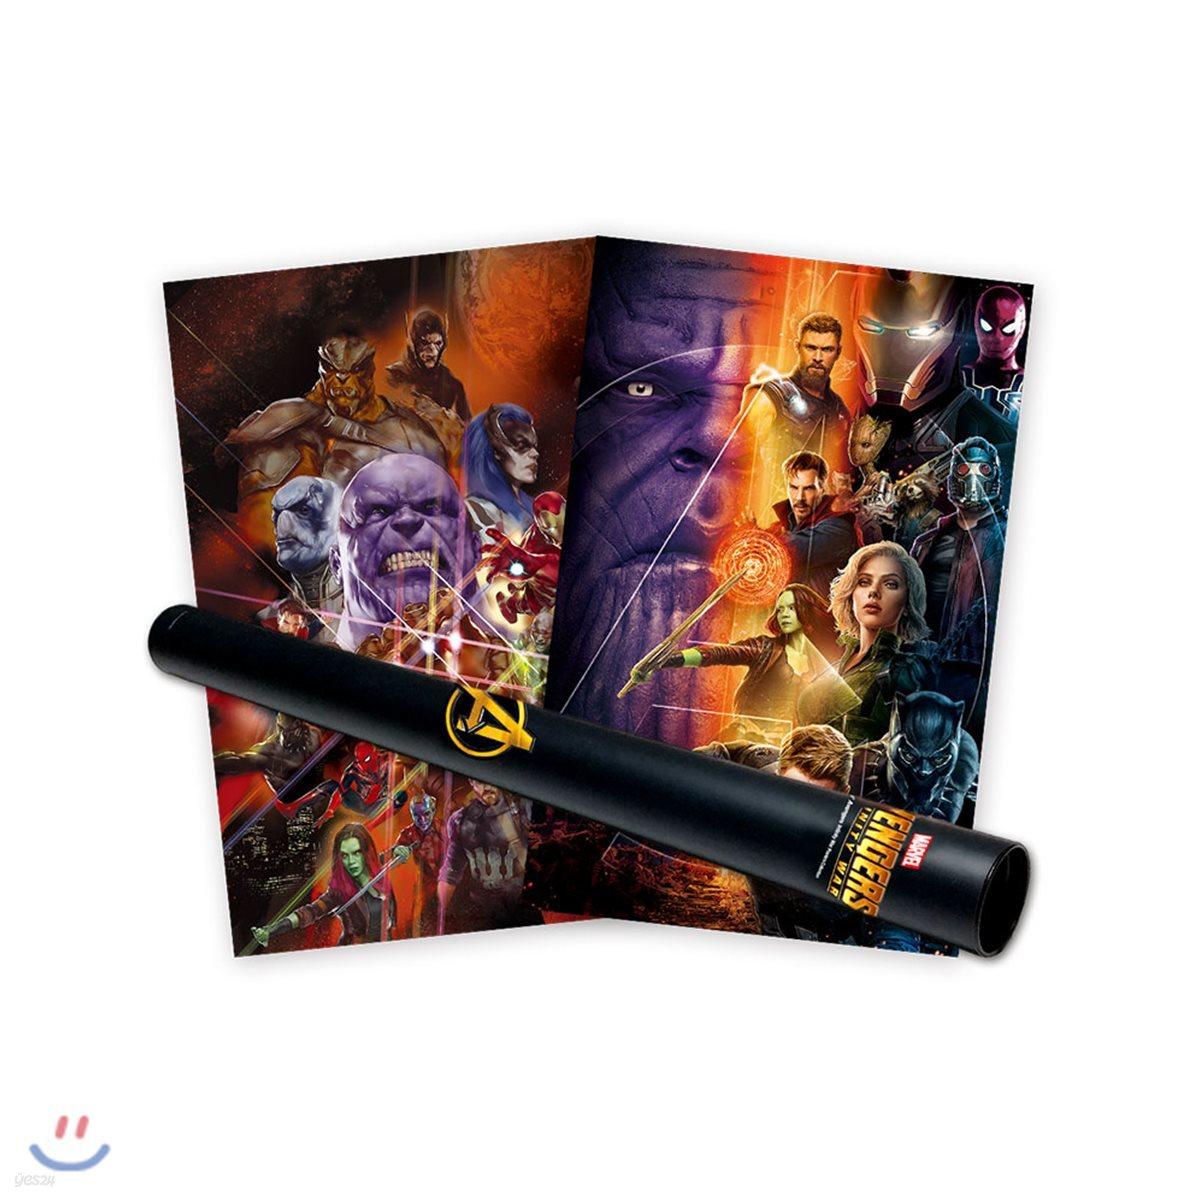 마블 어벤져스 인피니티 워 포스터 컬렉션